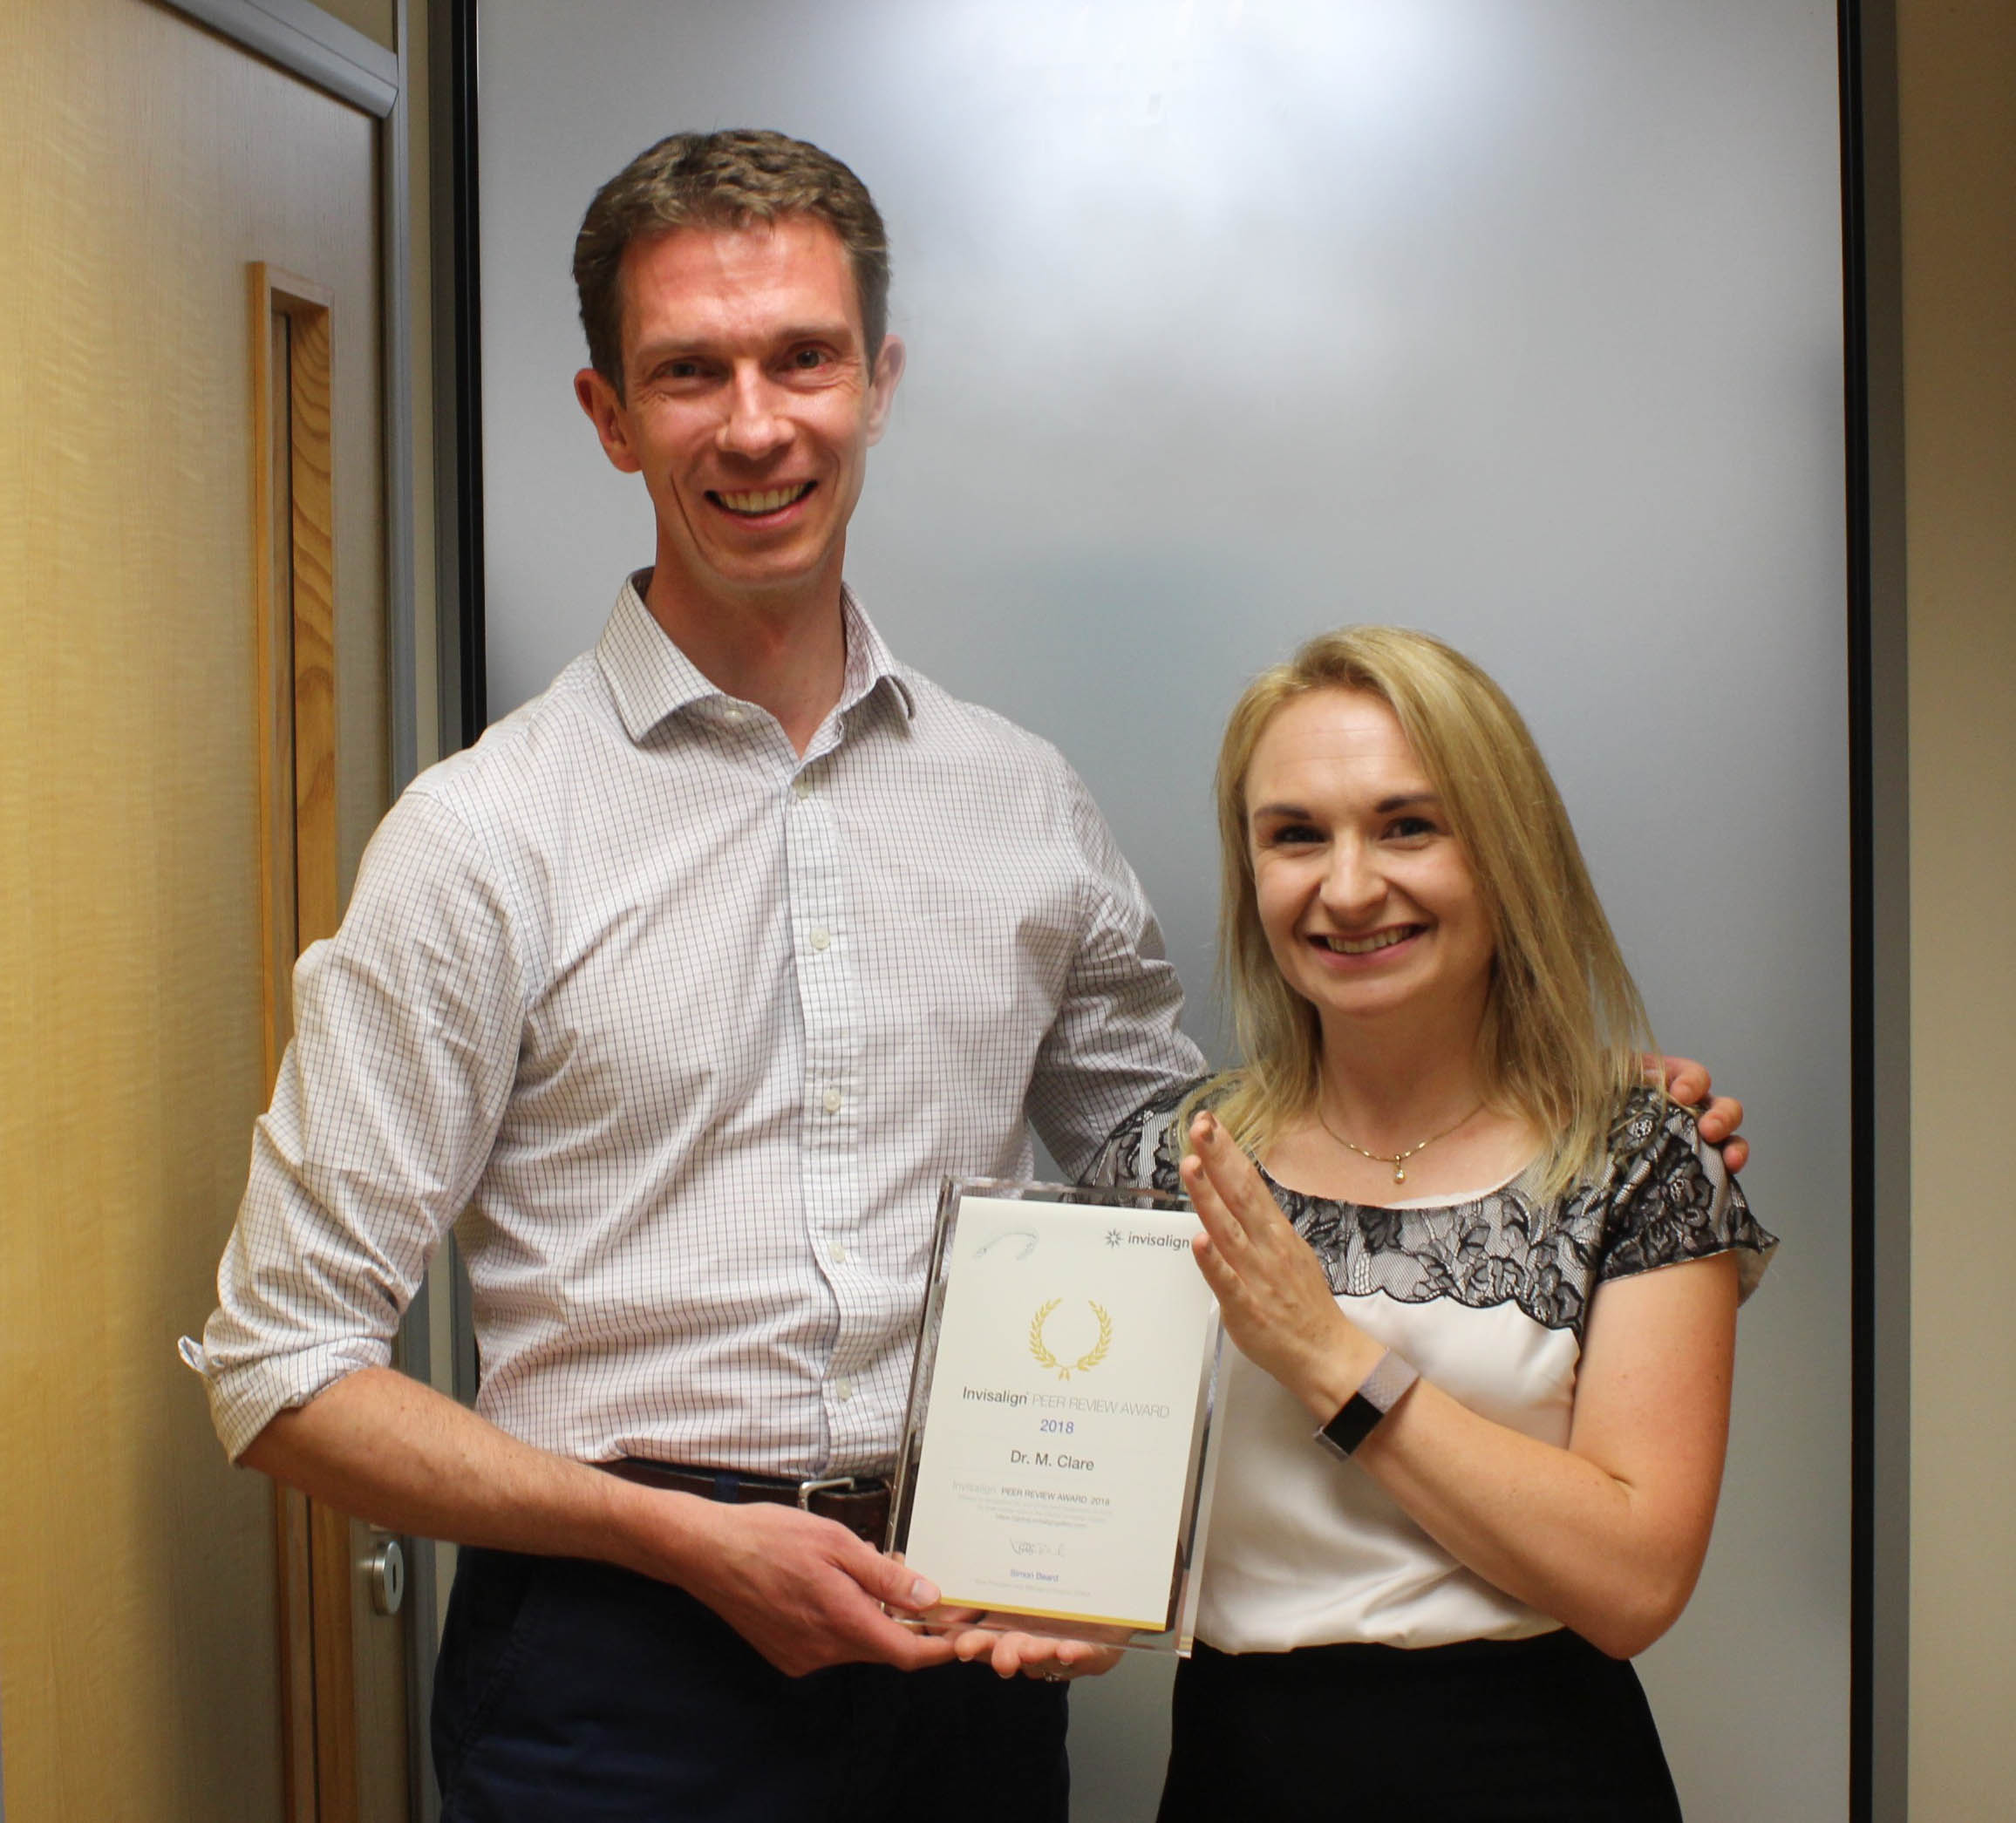 Matt_Clare_Invisalign_Award.jpg